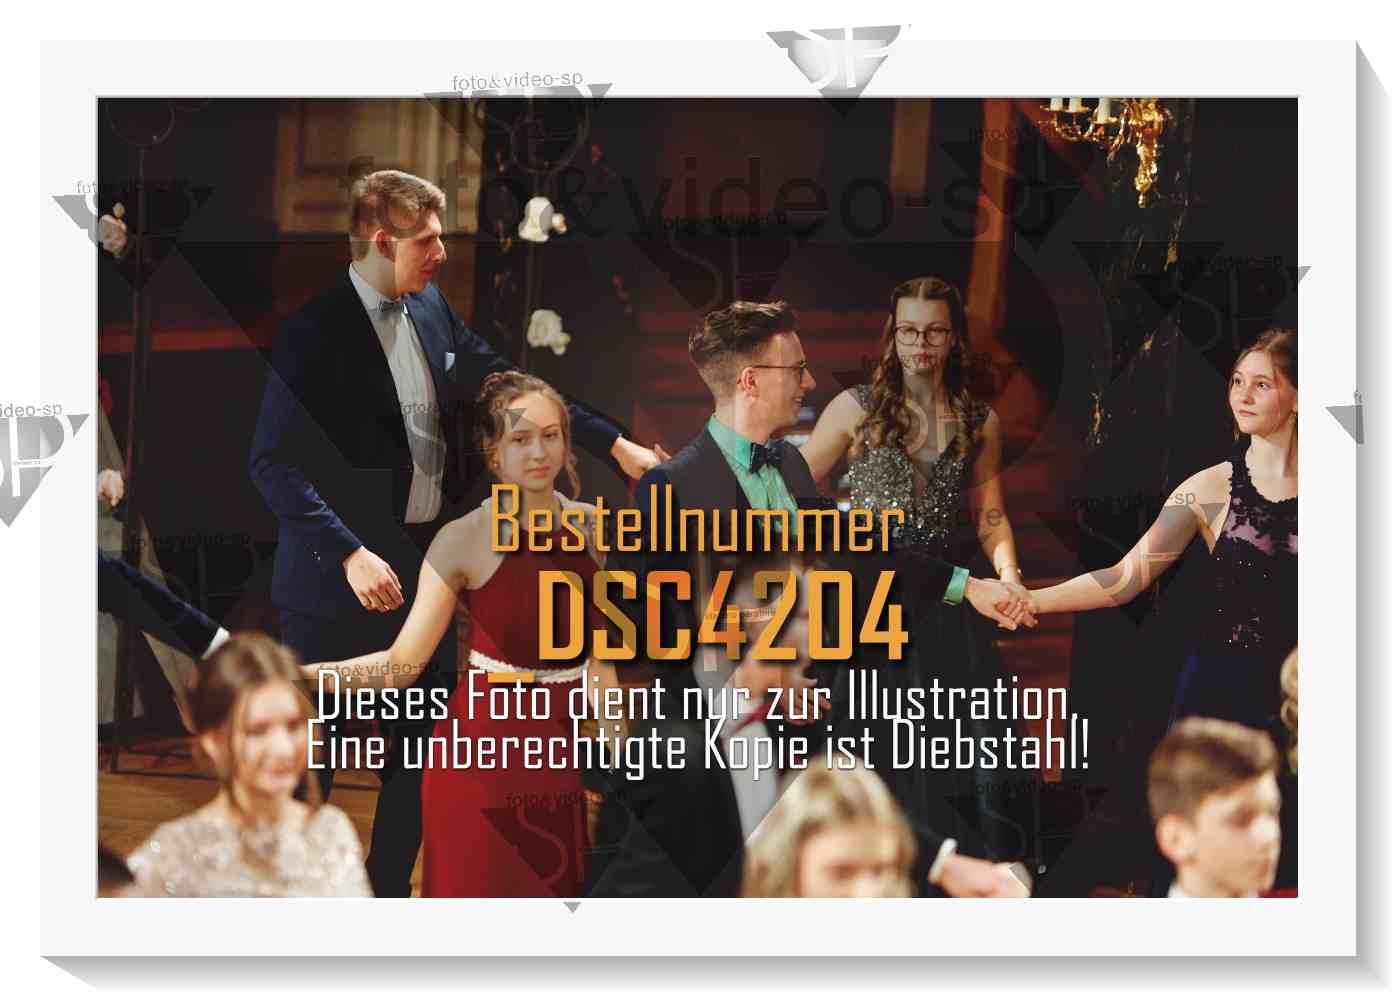 DSC4204